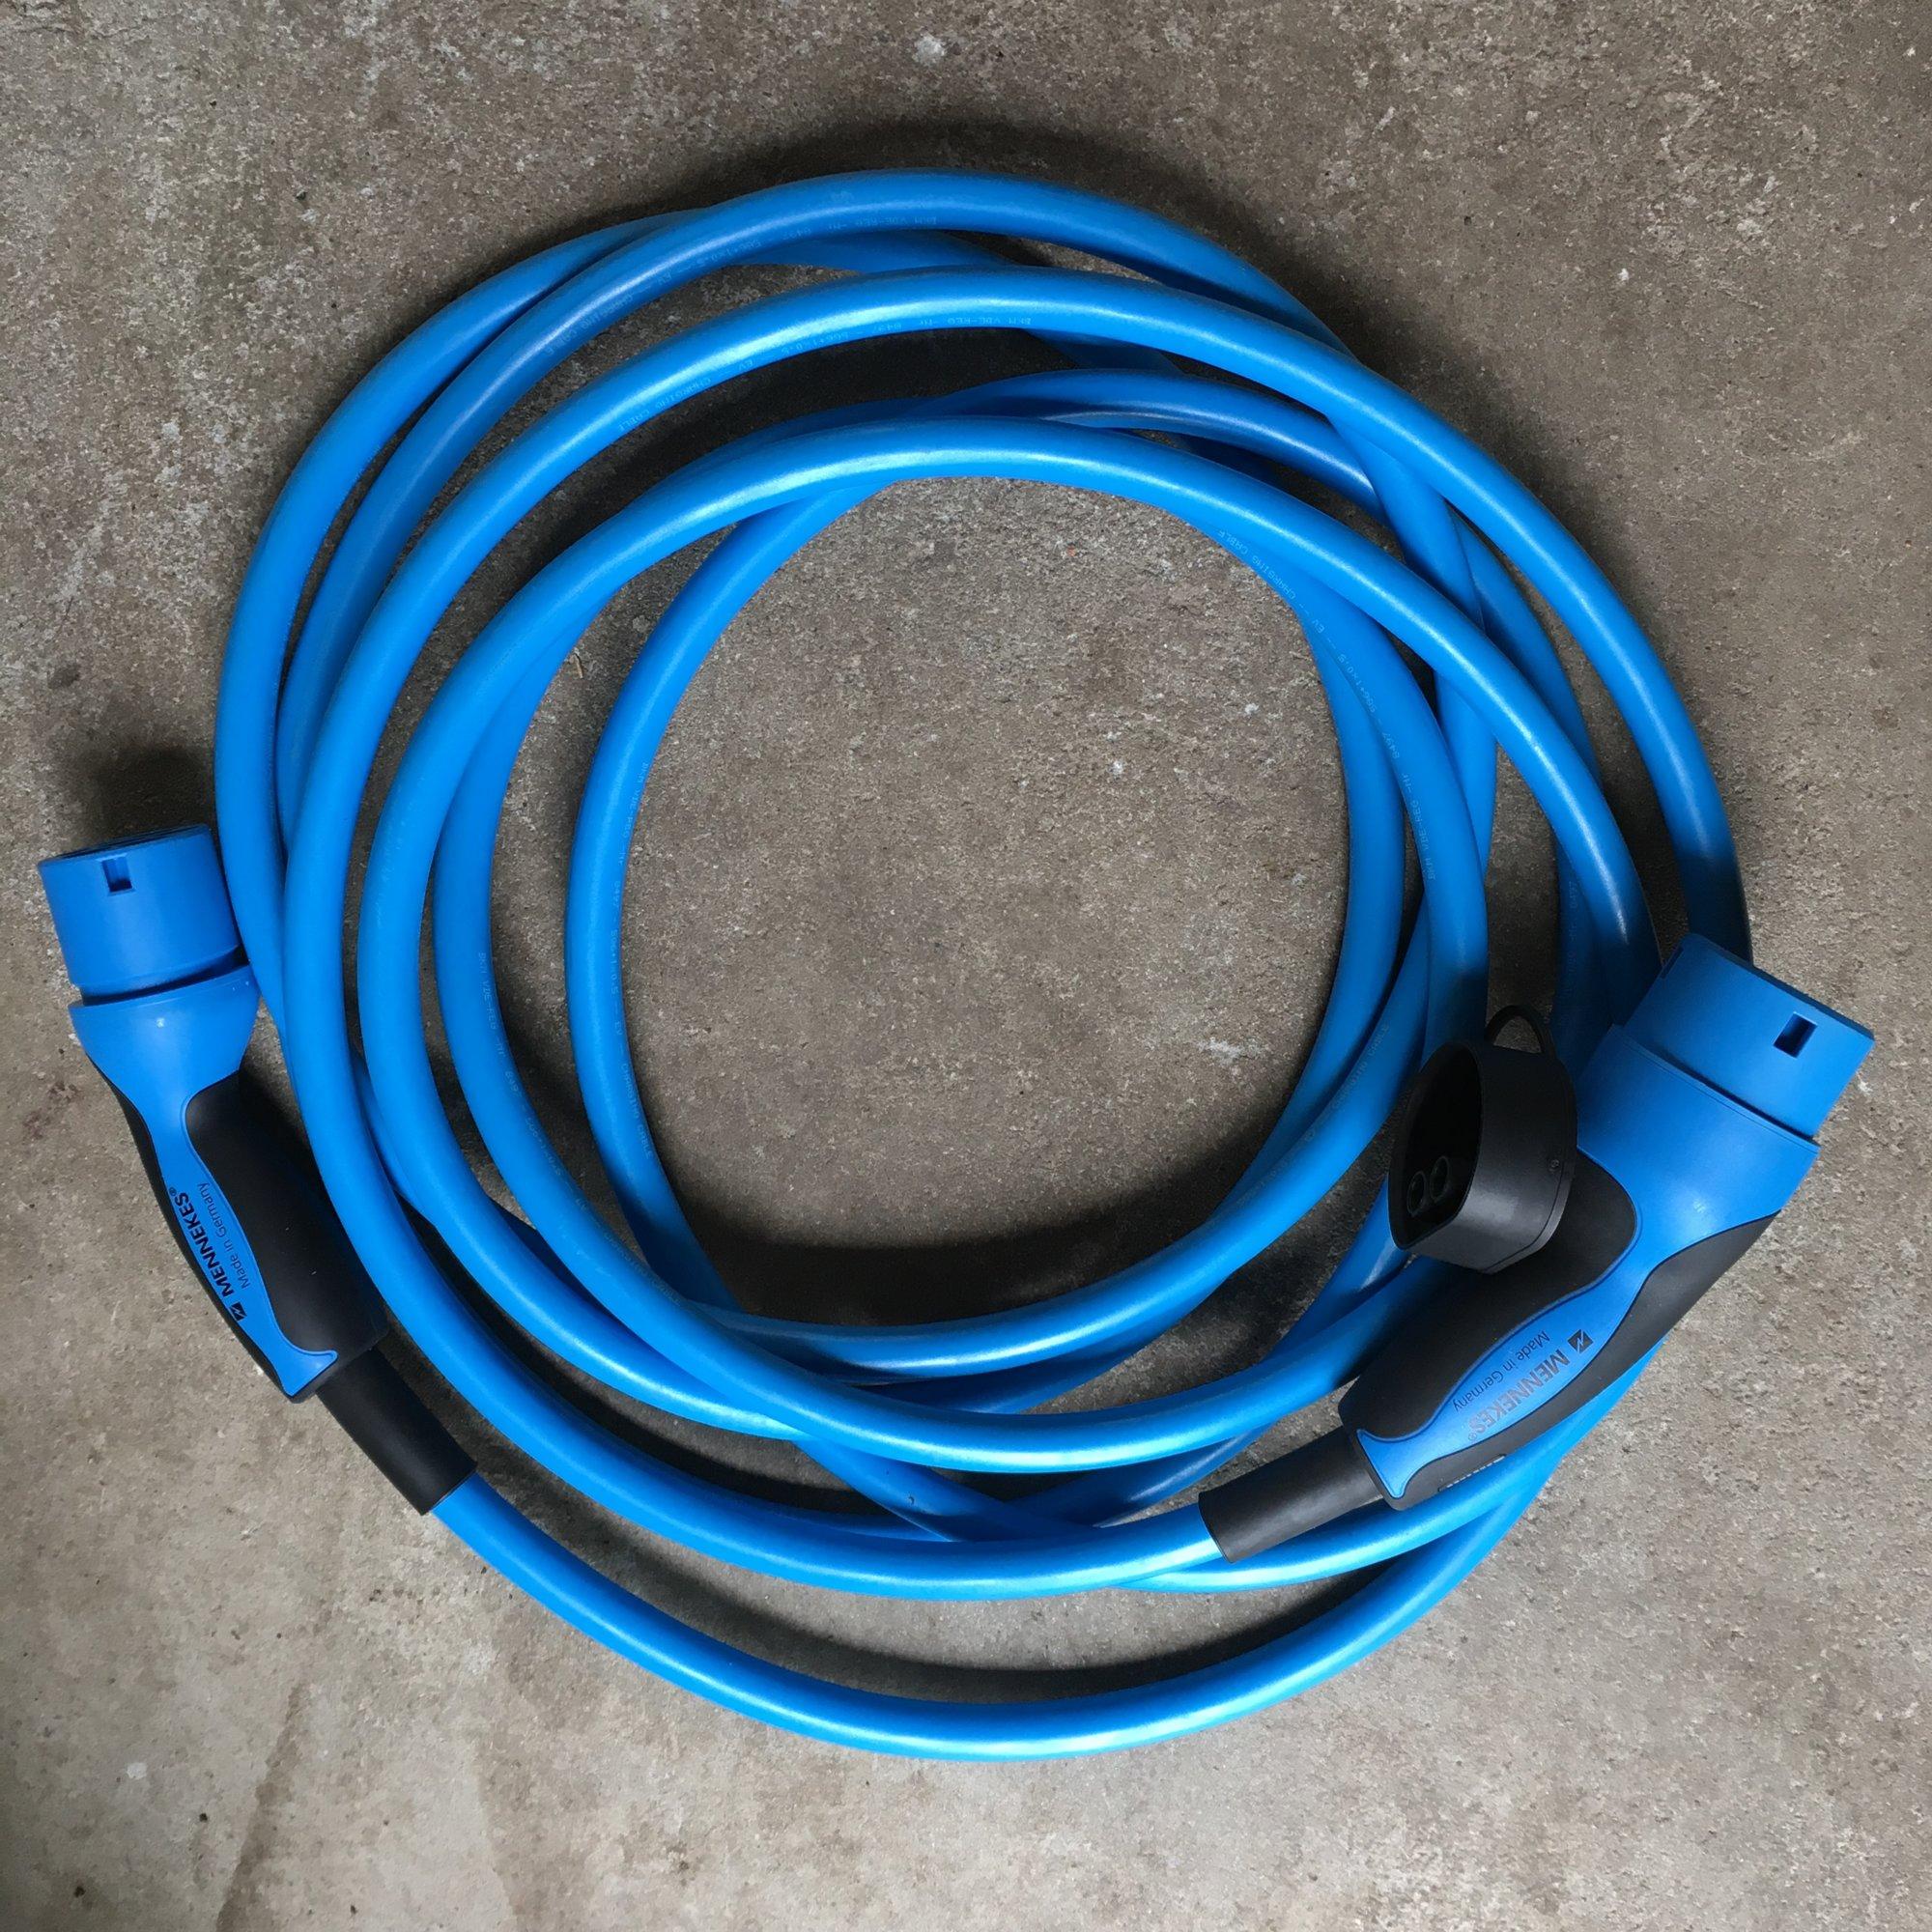 tesla kabel menekens.JPG